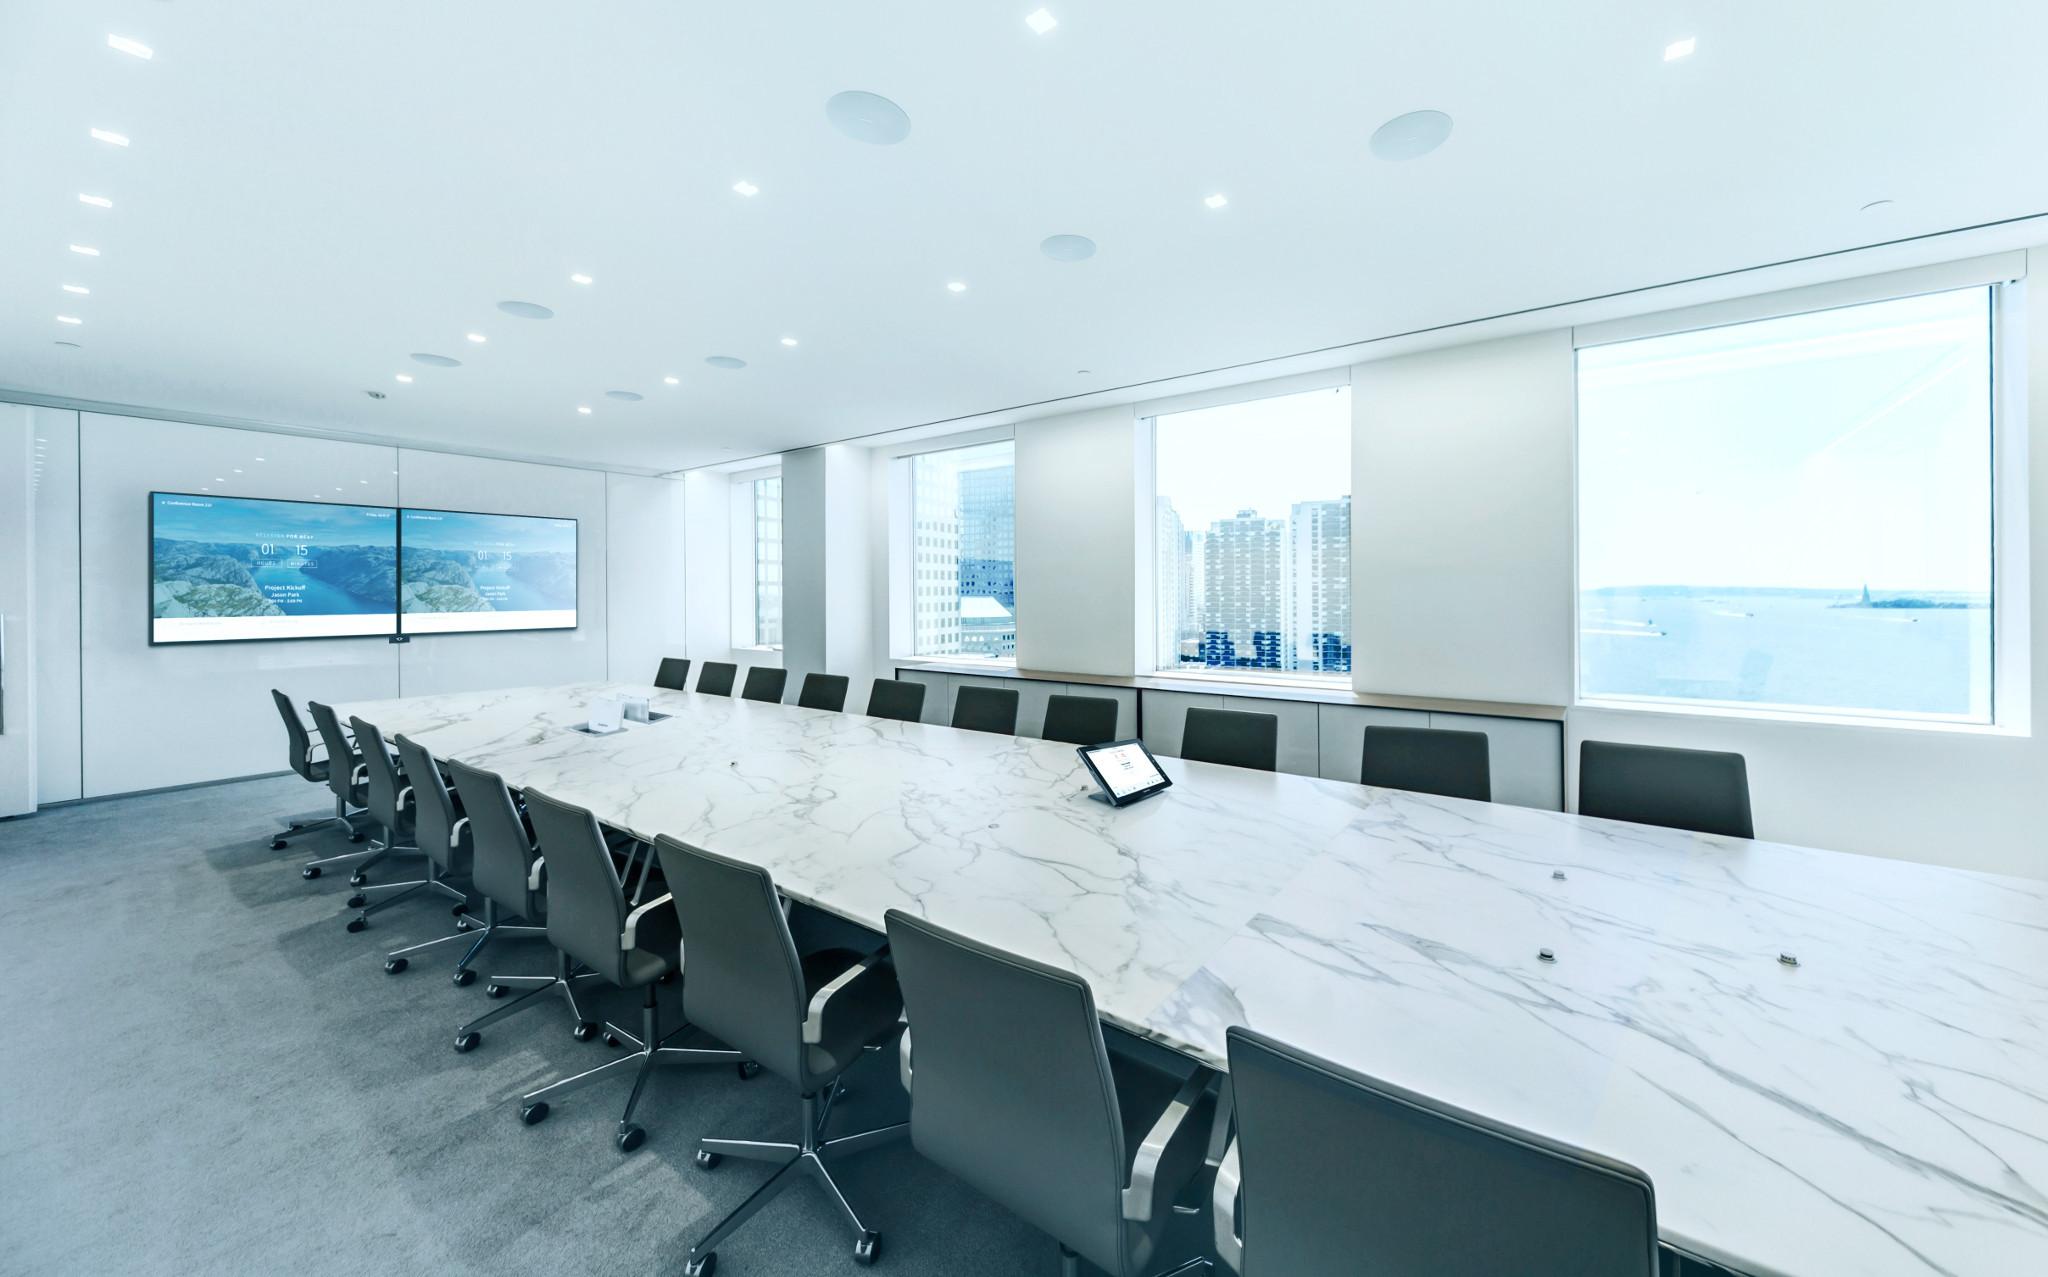 Boardroom Microsoft Teams Room